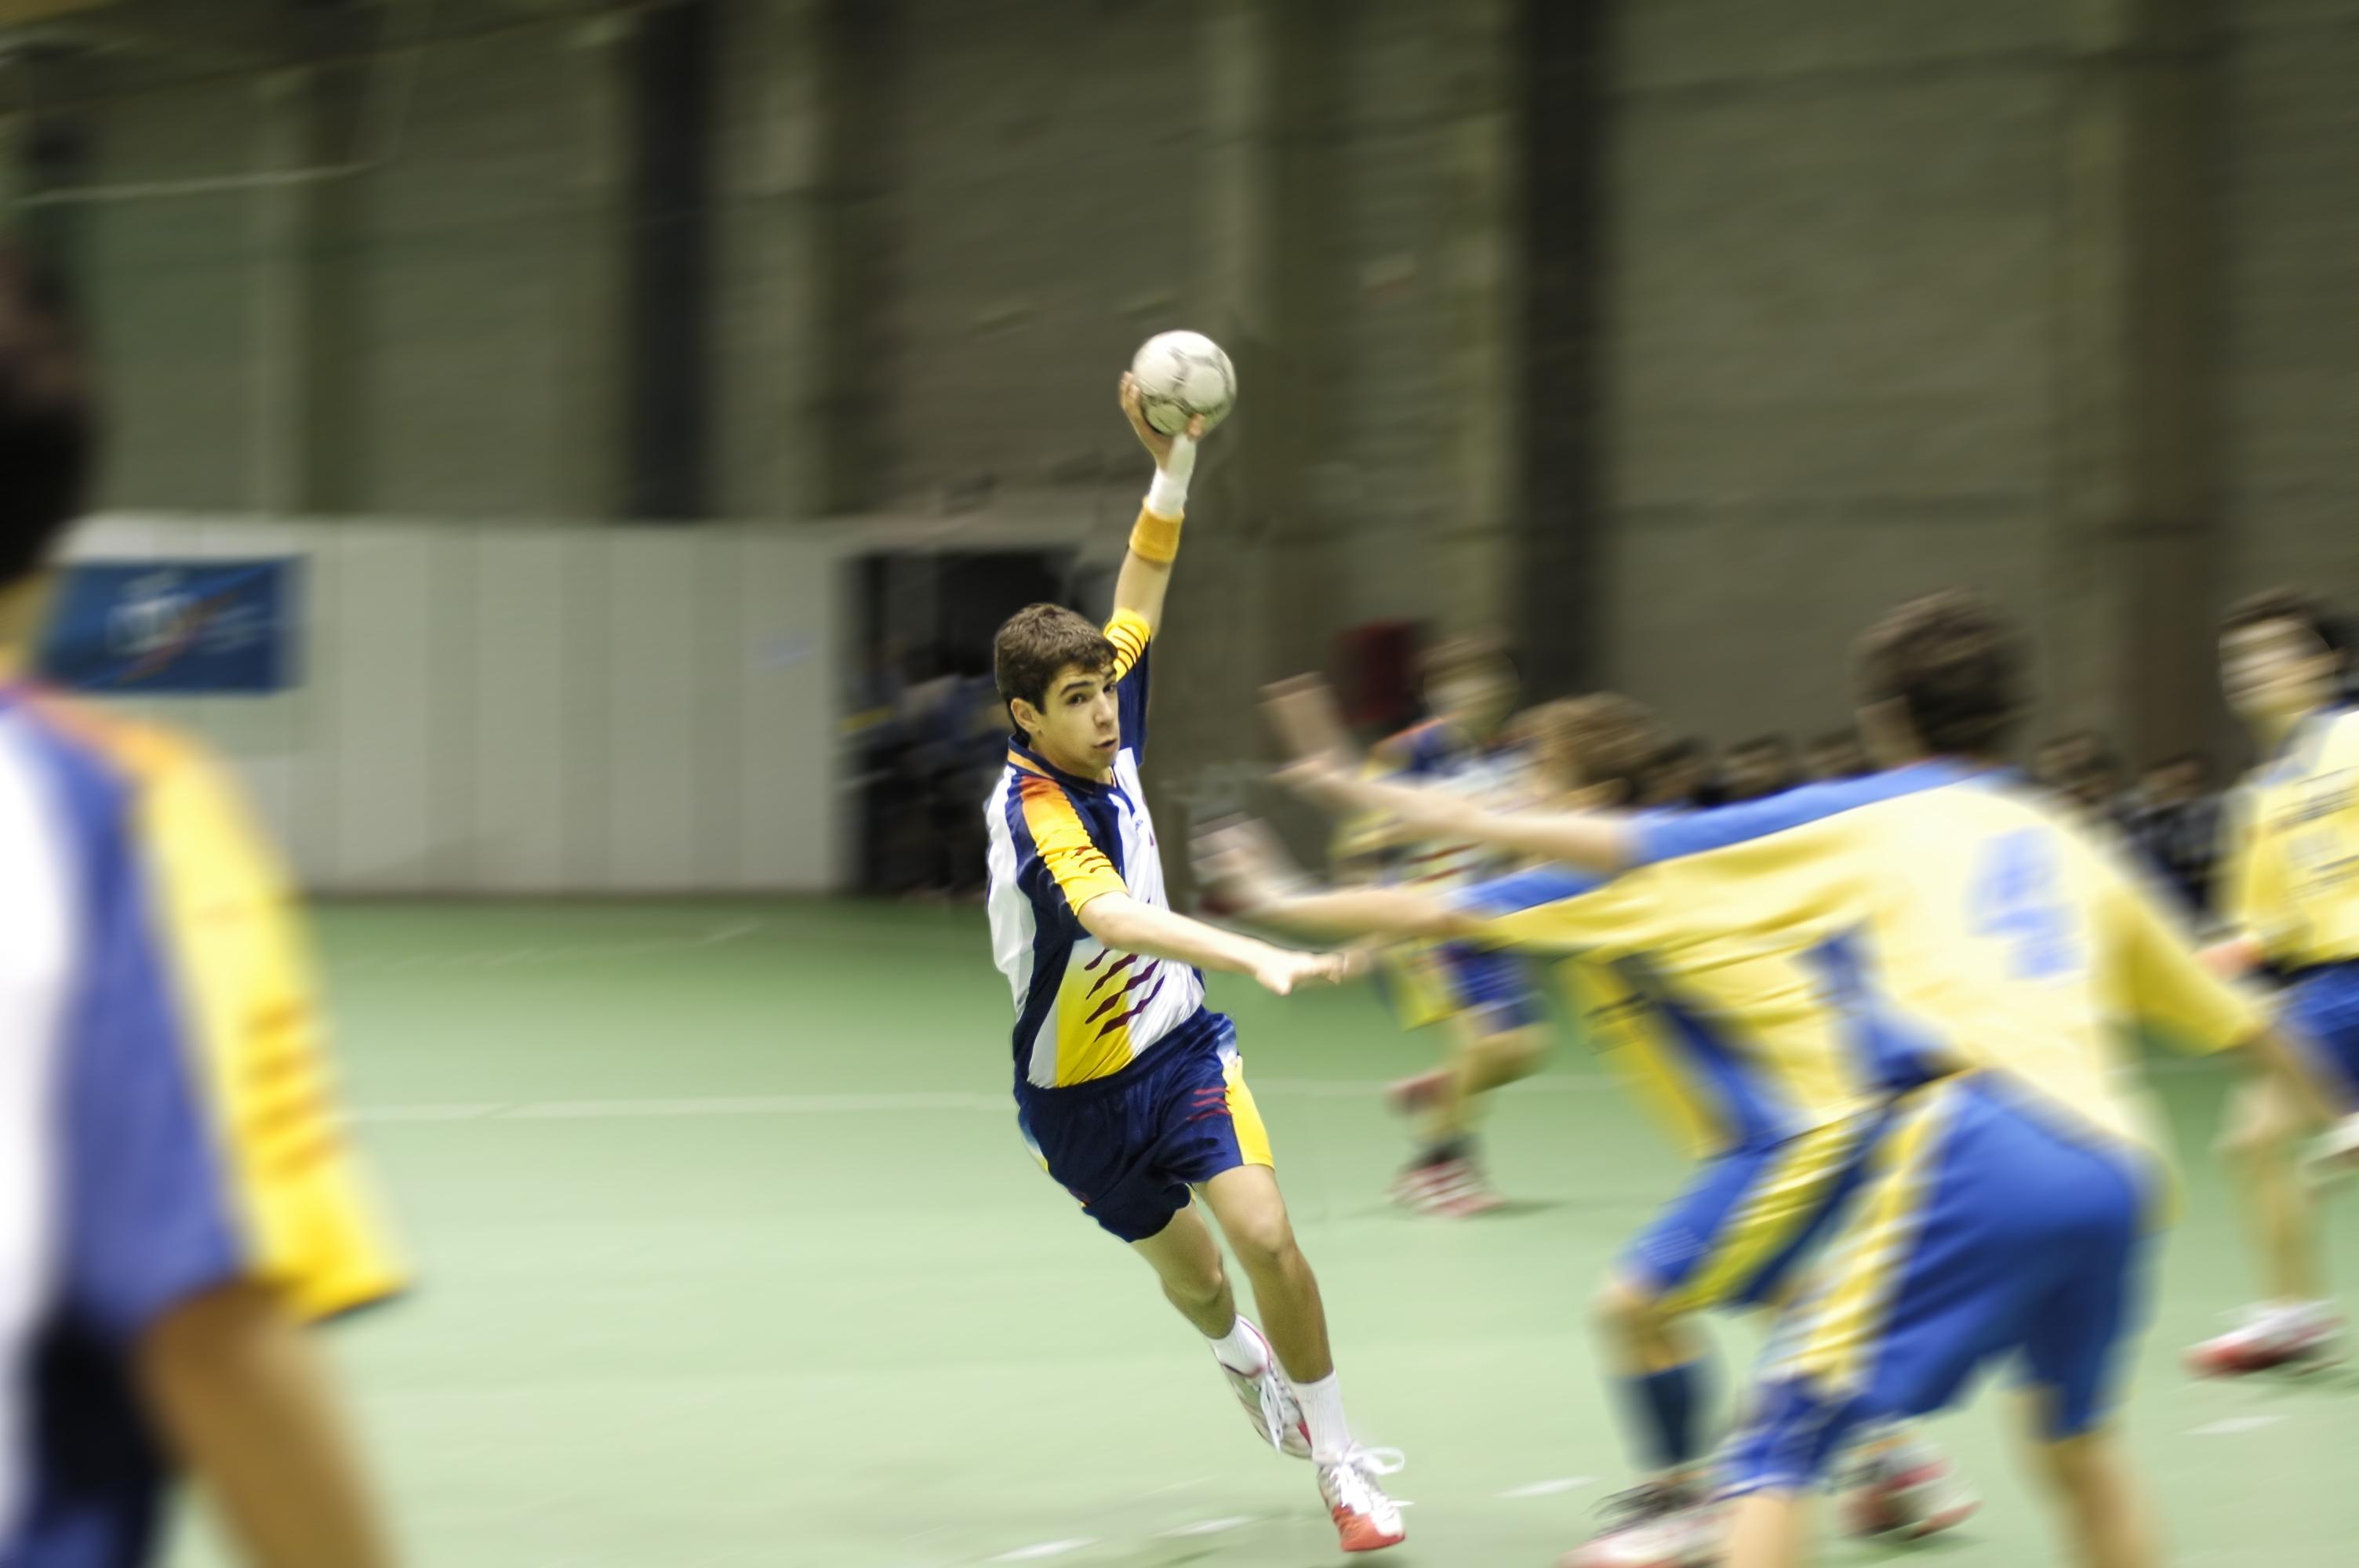 Handbollsspelare är de idrottare som löper störst skaderisk. Det är även störst antal skador som leder till bestående besvär inom handbollen.